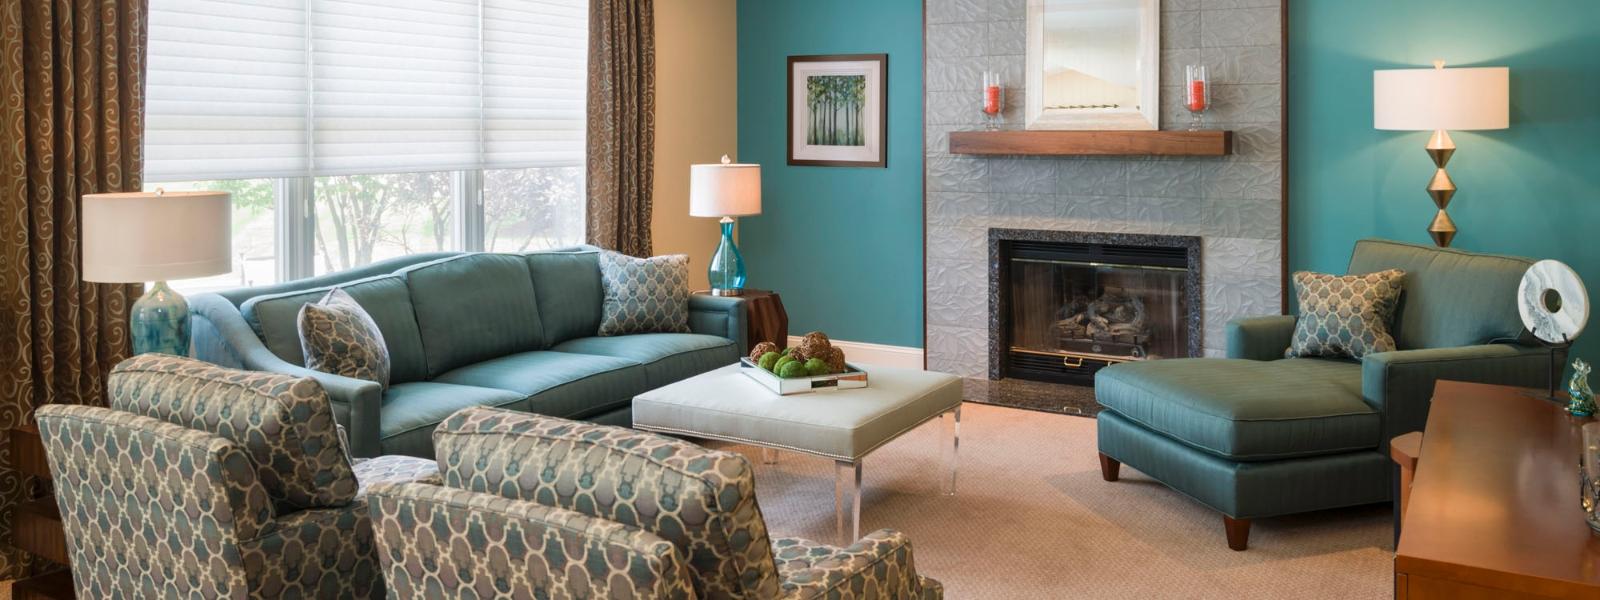 Decorating Den Interiors image 8